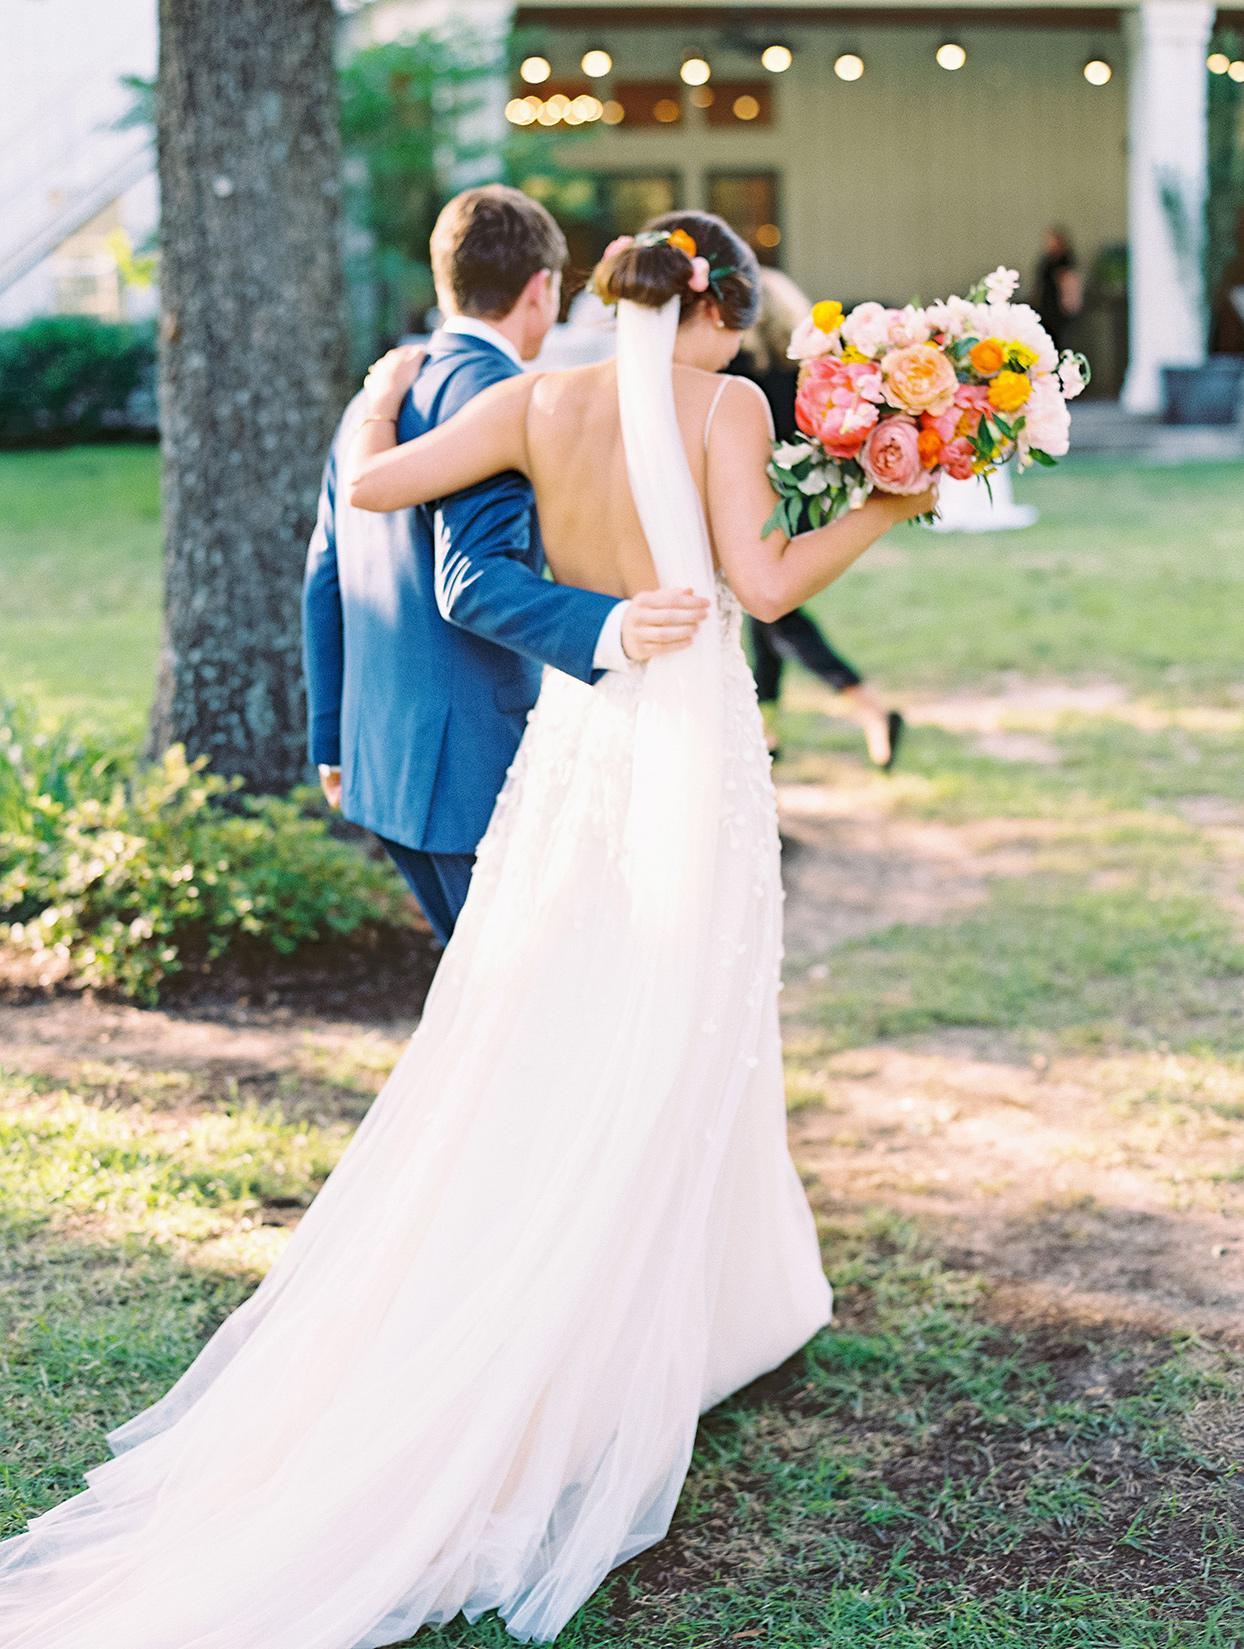 evie joe wedding couple walking